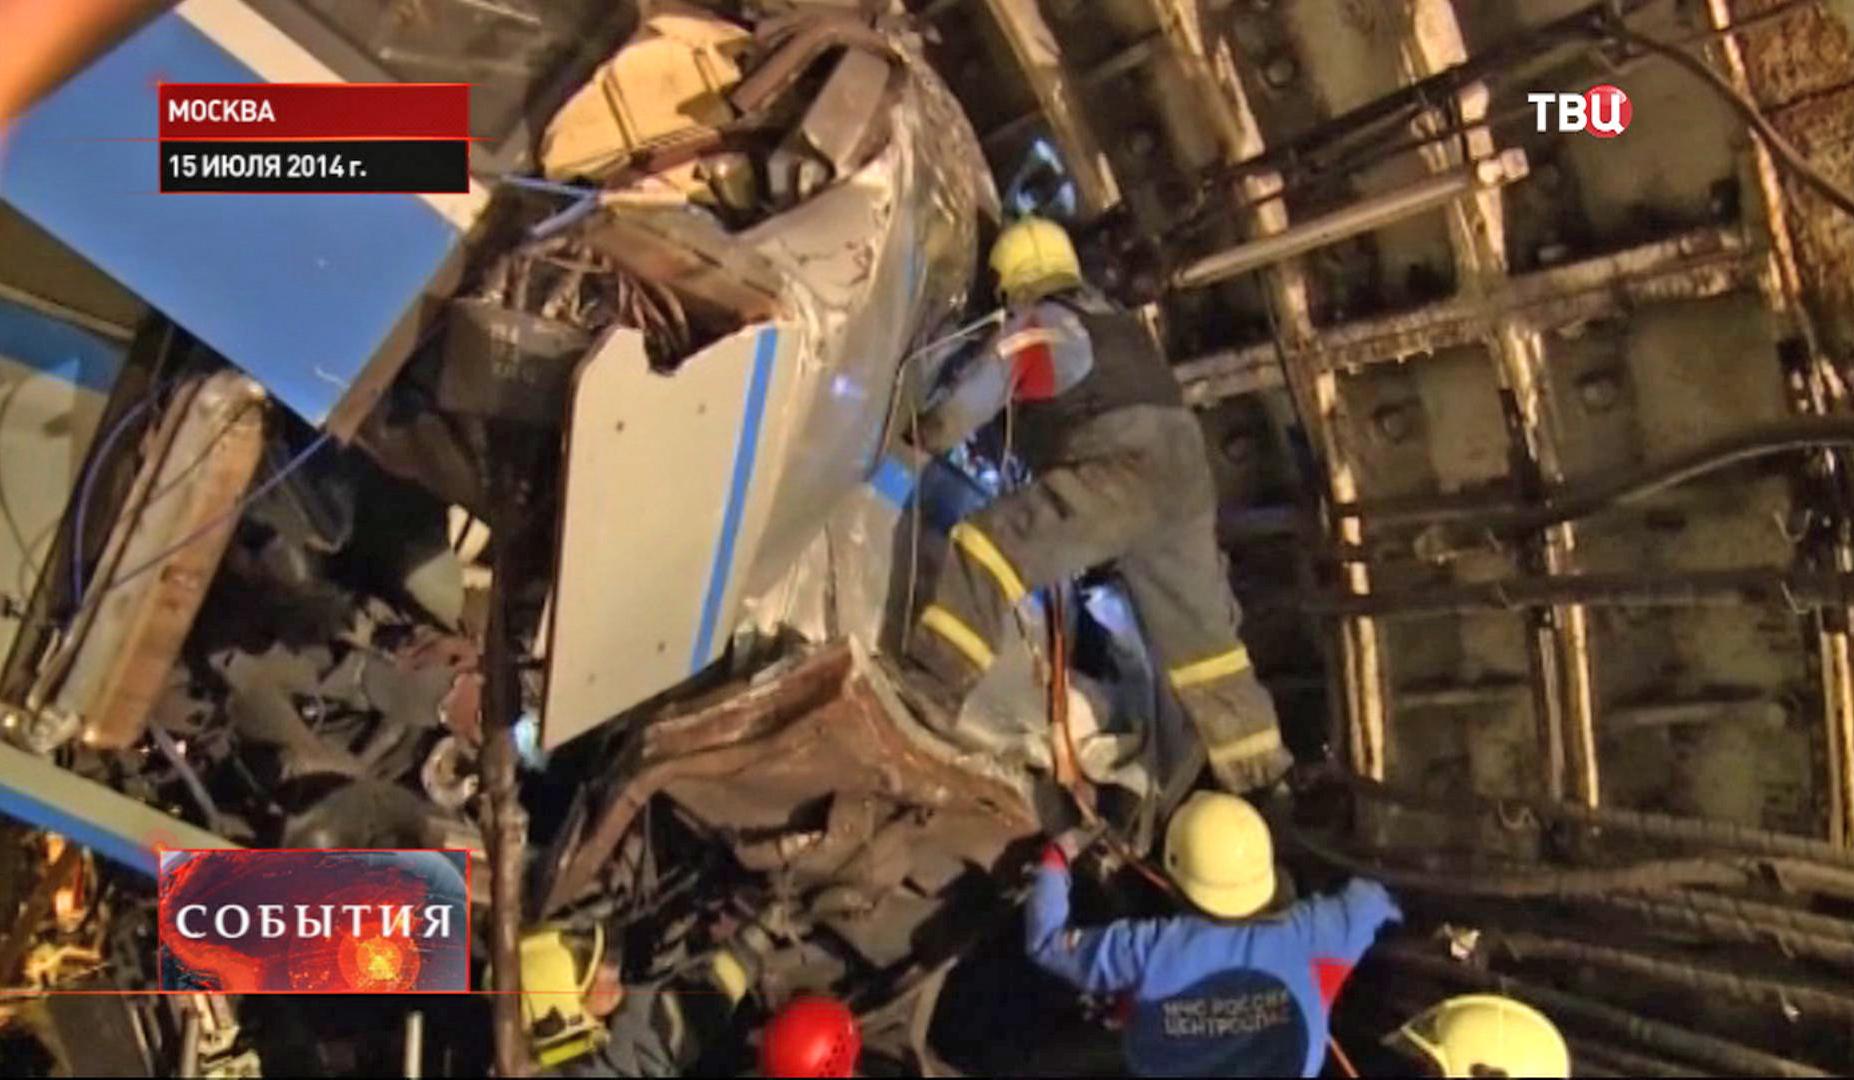 Сотрудники МЧС ведут разбор завала после крушения поезда в метро